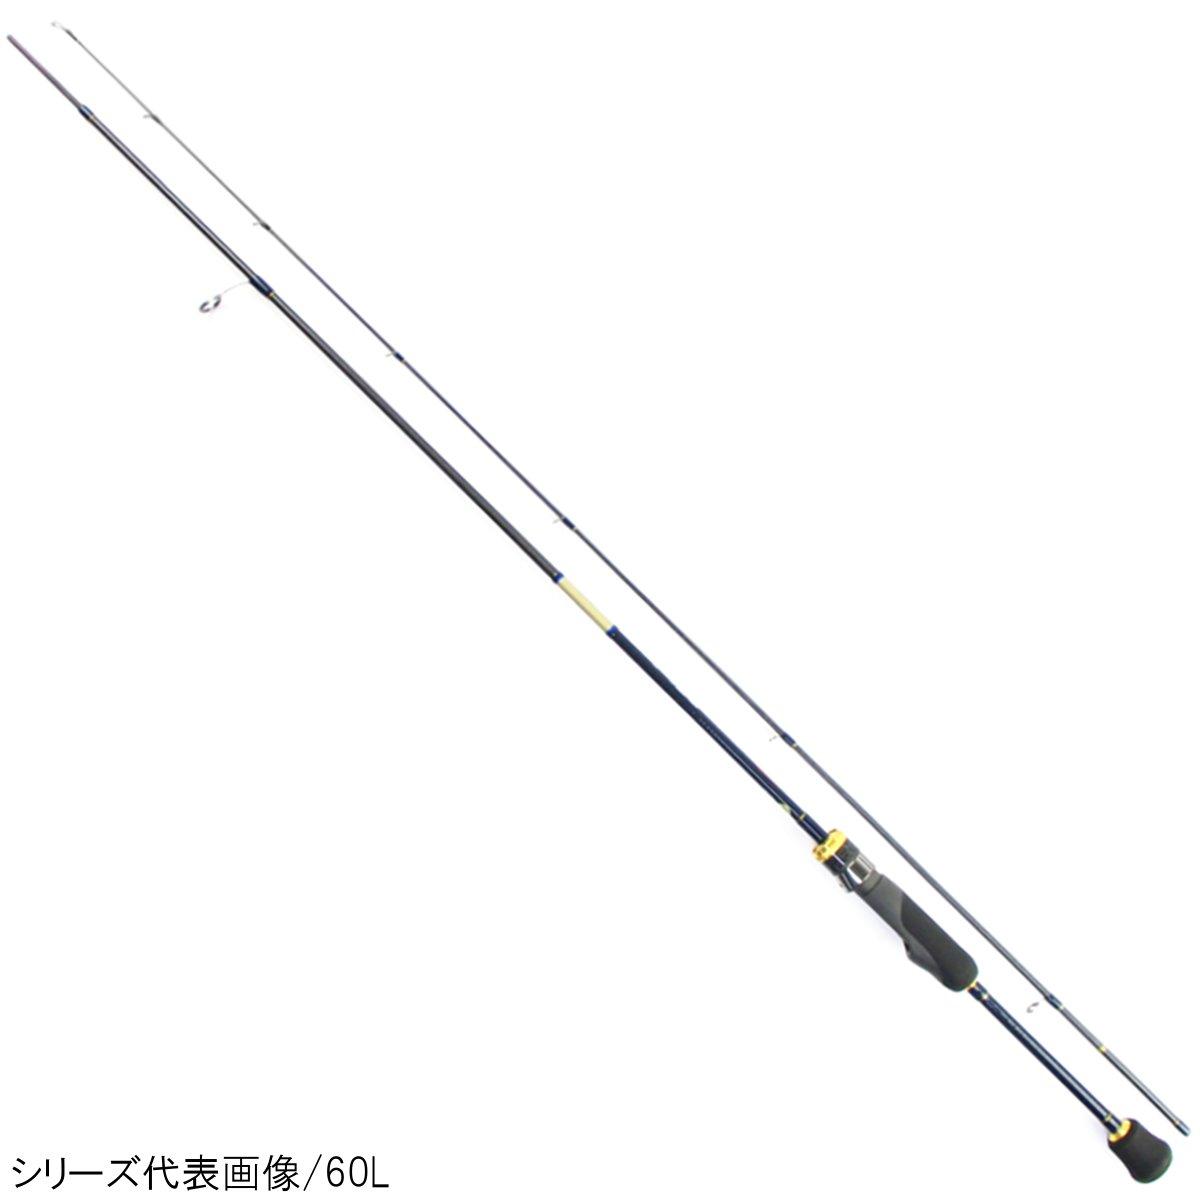 アピア Legacy'SC AIR STINGER II 63ULS